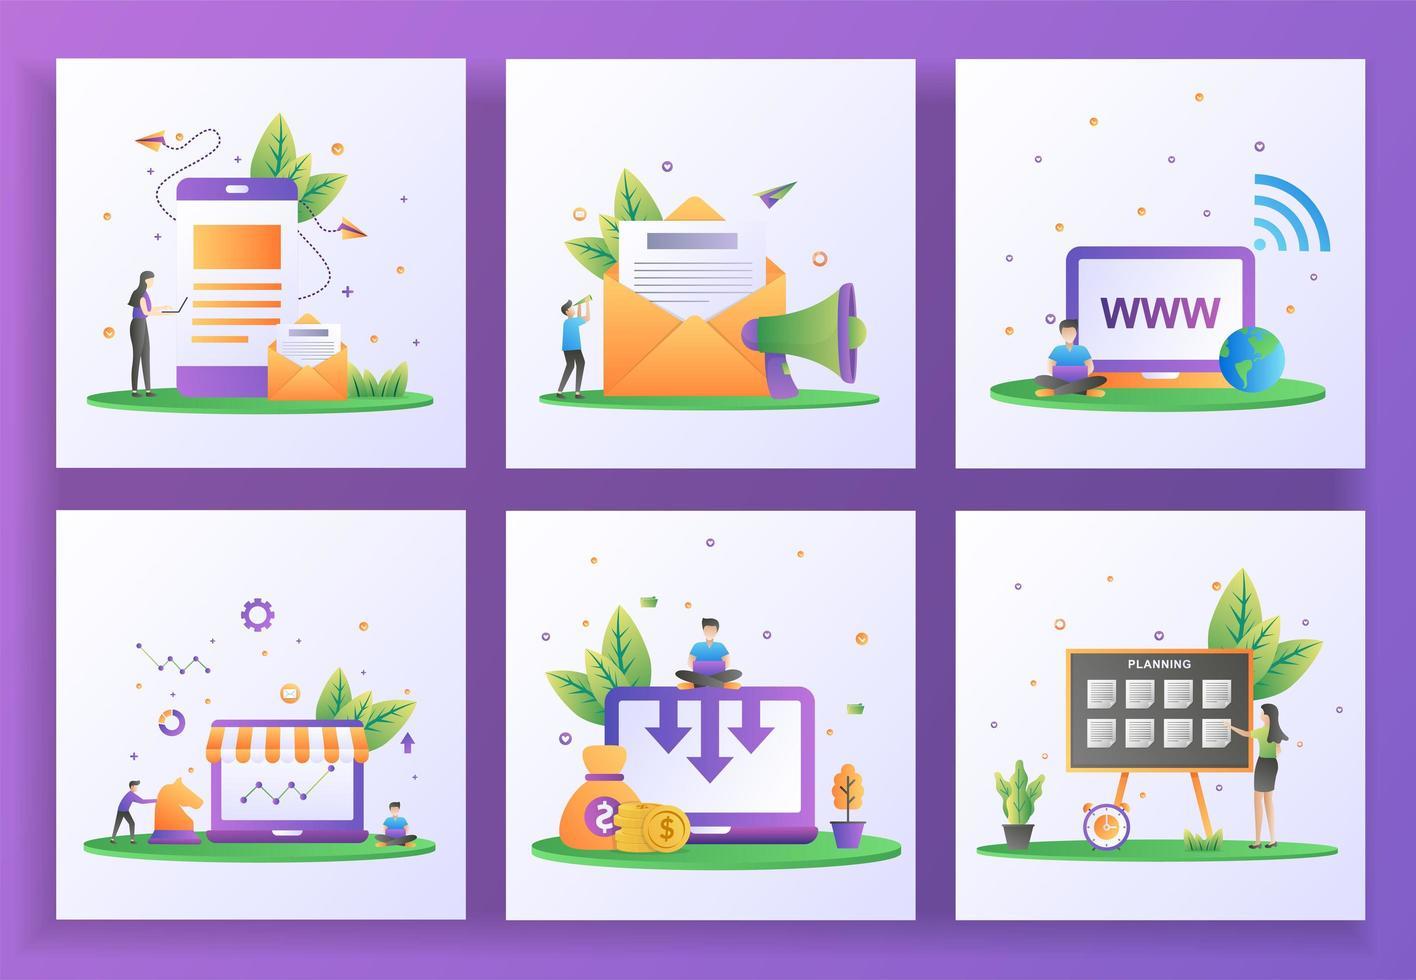 conjunto de concepto de diseño plano. marketing digital, marketing por correo electrónico, sitio web, marketing estratégico vector